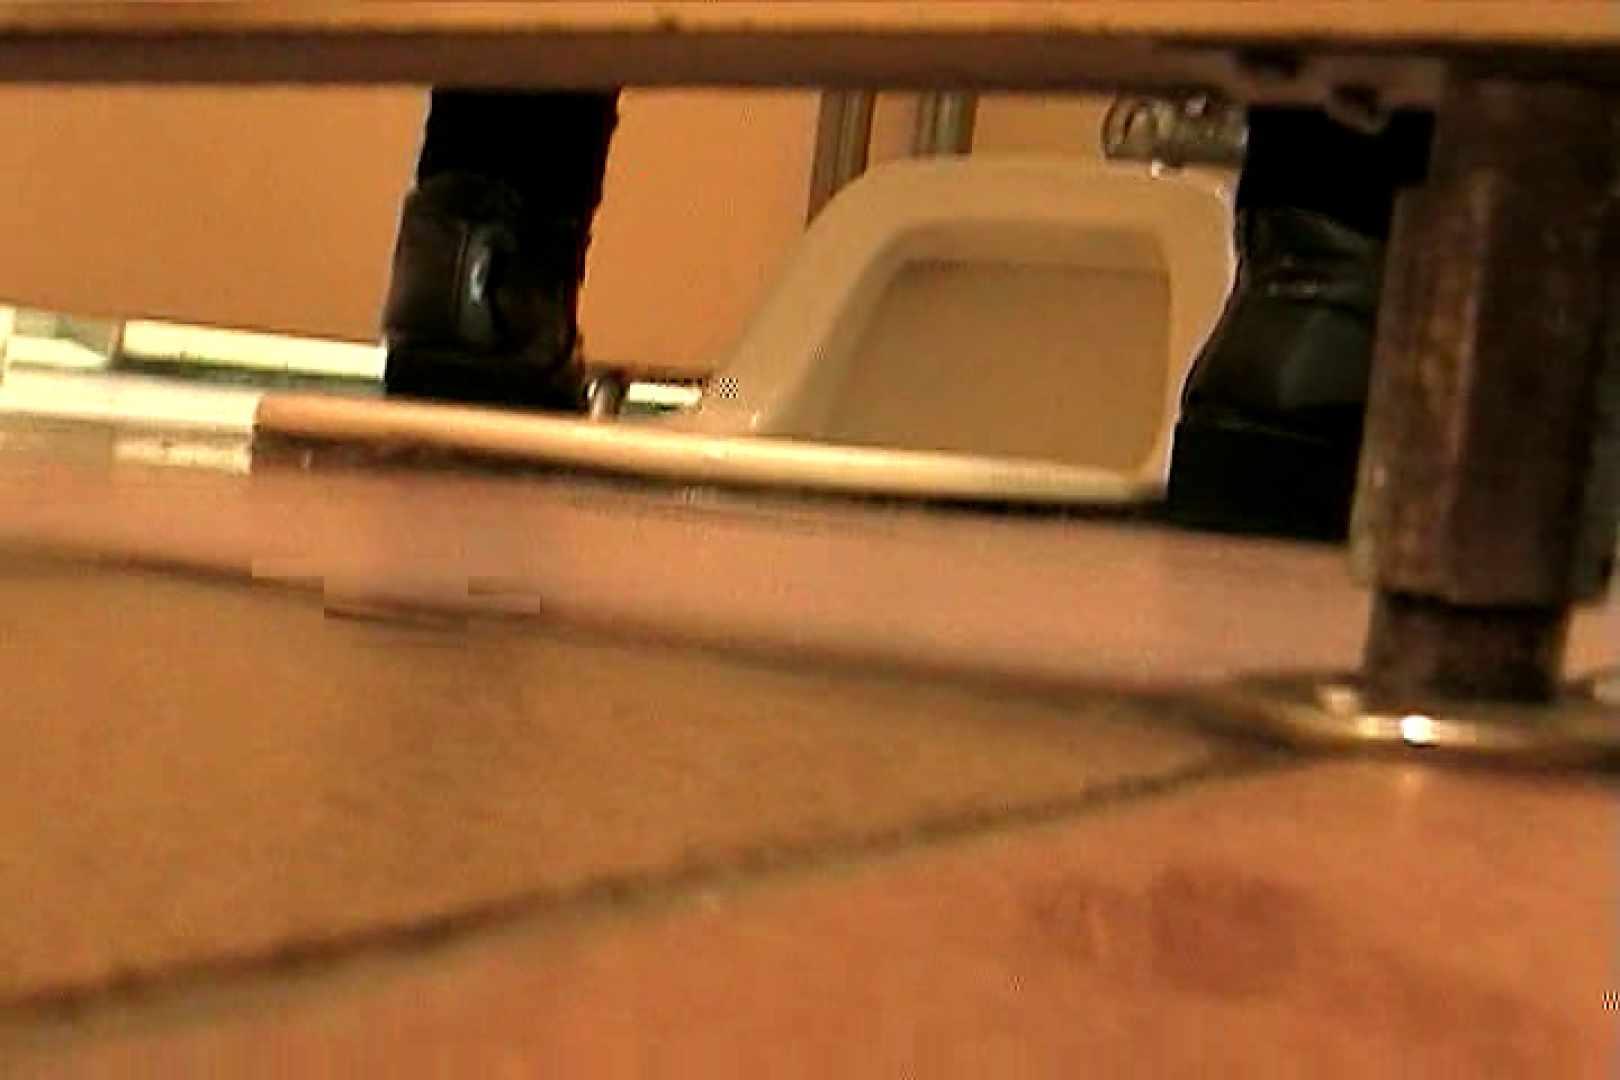 マンコ丸見え女子洗面所Vol.41 おまんこ無修正 隠し撮りオマンコ動画紹介 31pic 29